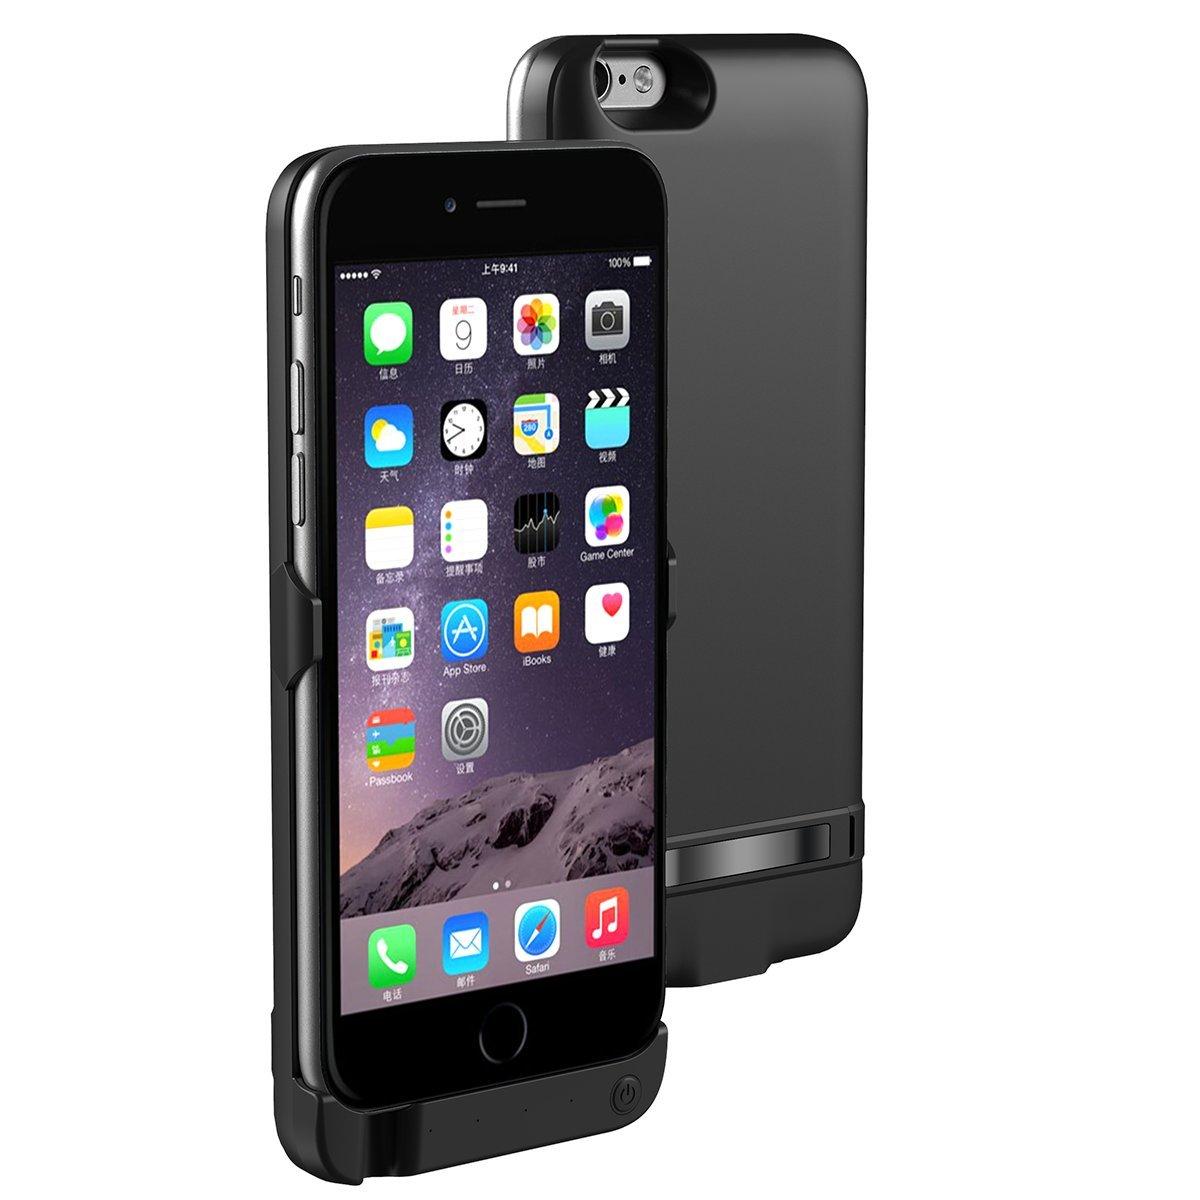 Funda Baterí a iPhone 6 / iPhone 6s, LifeePro 10000mAh Baterí a recargable externa ultra delgada Protector portá til Carga caso de prueba de choque para iPhone 6 / iPhone 6s Oro rosa